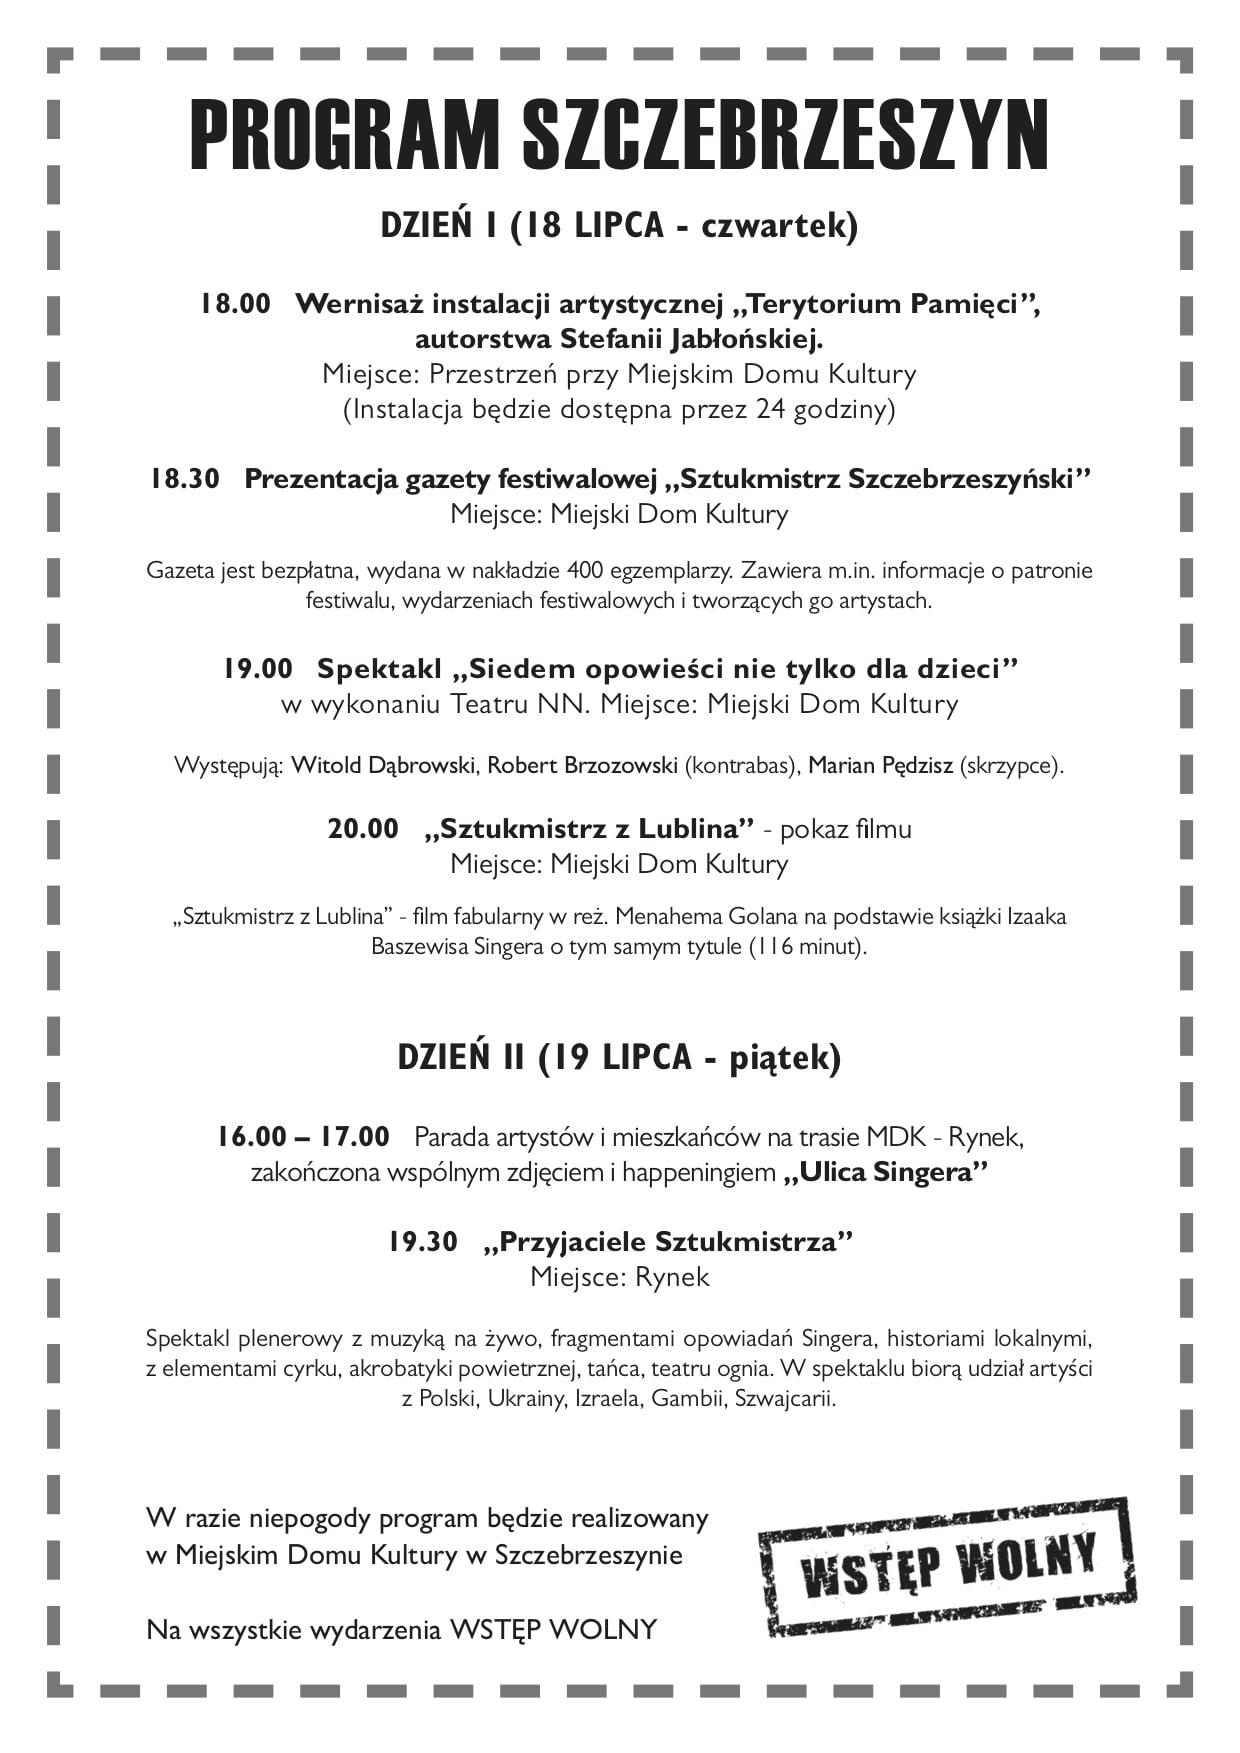 """06 program szczebrzeszyn 2019 Festiwal """"Śladami Singera"""" znów wyrusza w podróż po Lubelszczyźnie.Odwiedzi też Szczebrzeszyn i Krasnobród"""